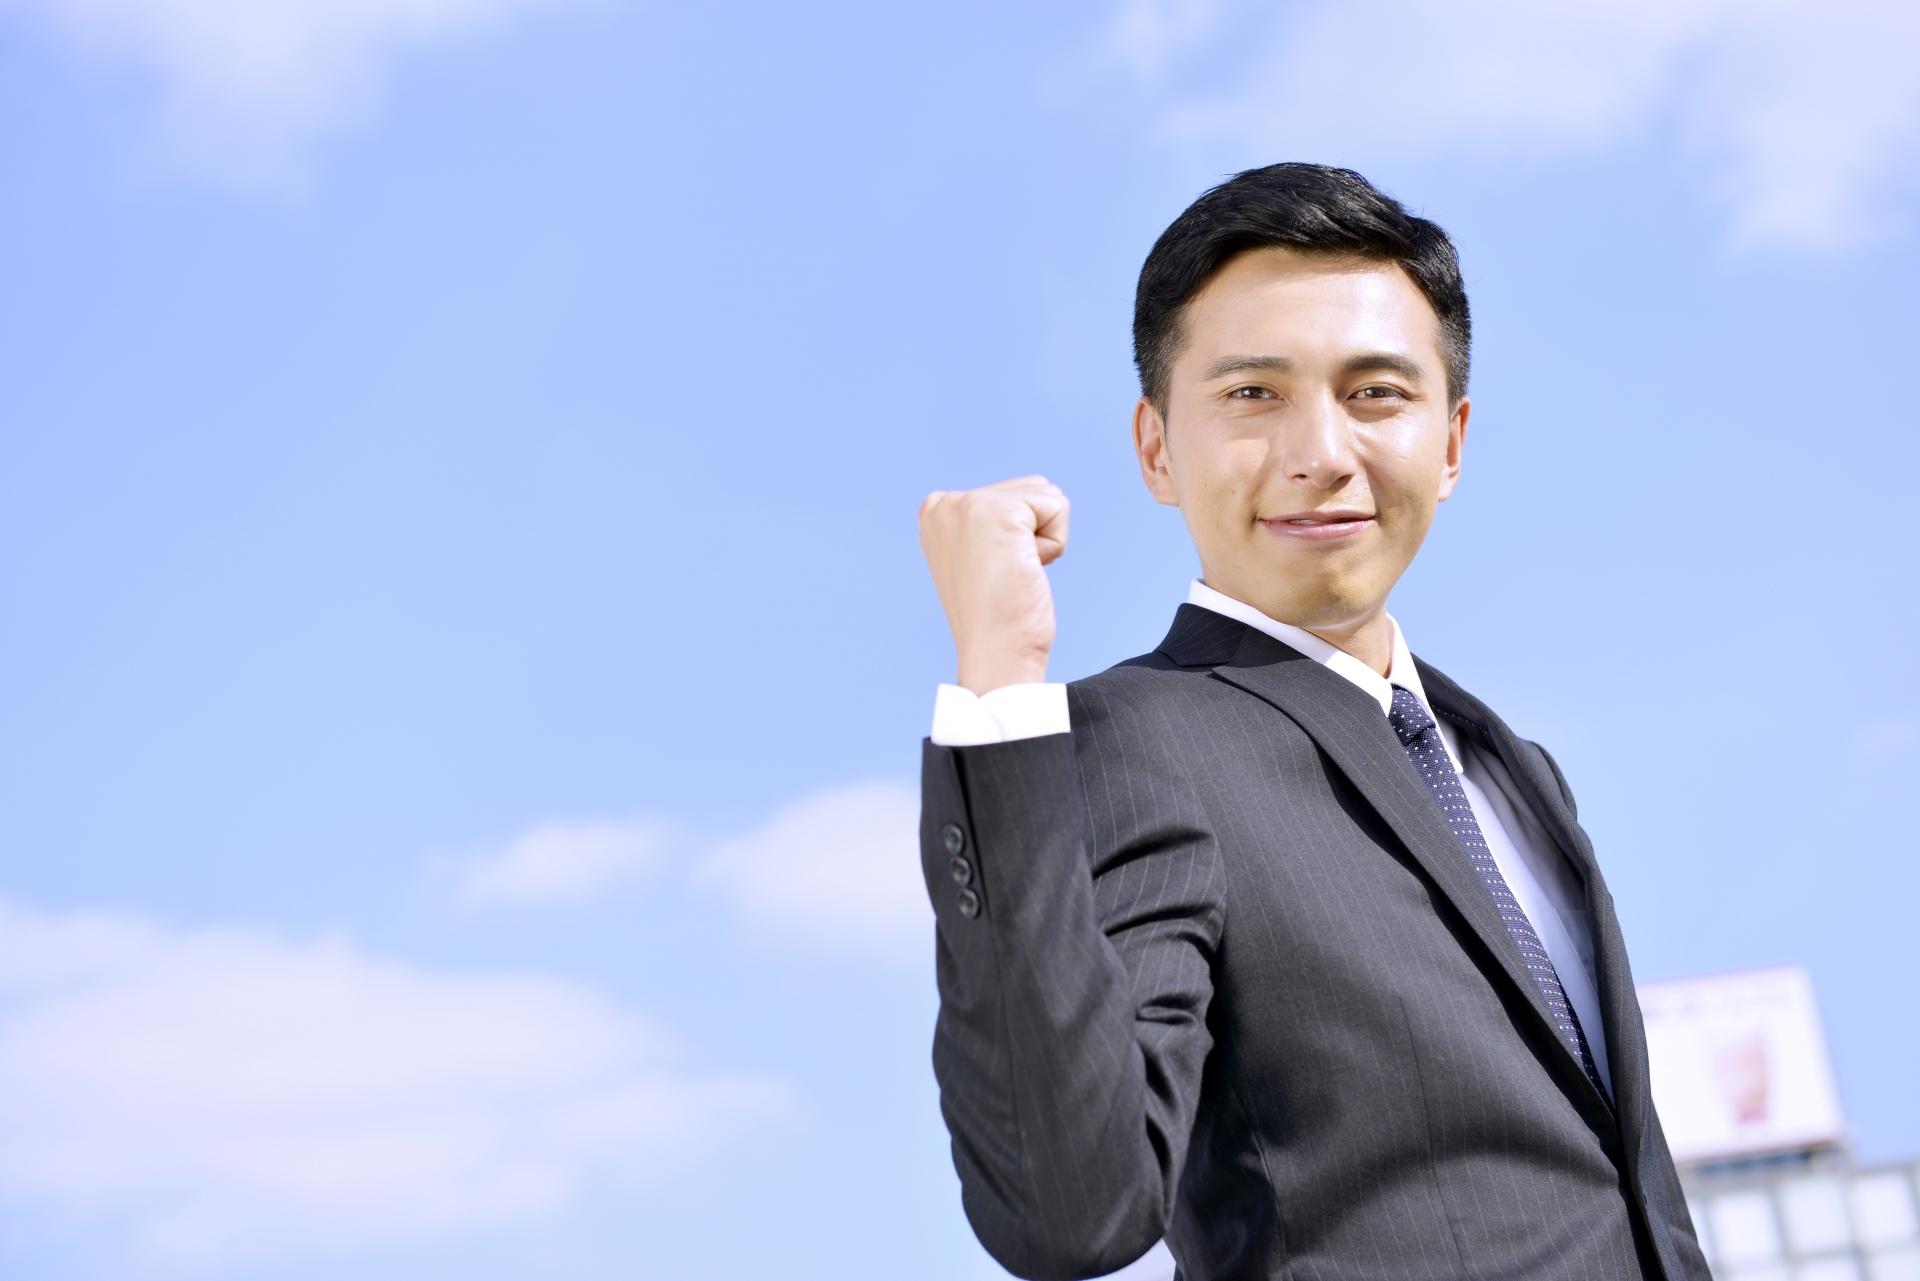 個人事業主の開業手続き【簡単な手続きで今すぐ始められる】